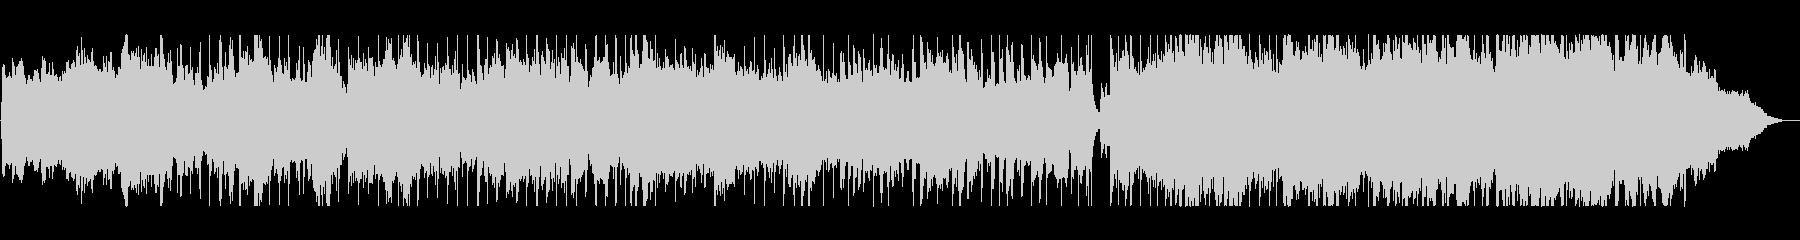 明るく広がりのある壮大なシンセサイザー曲の未再生の波形